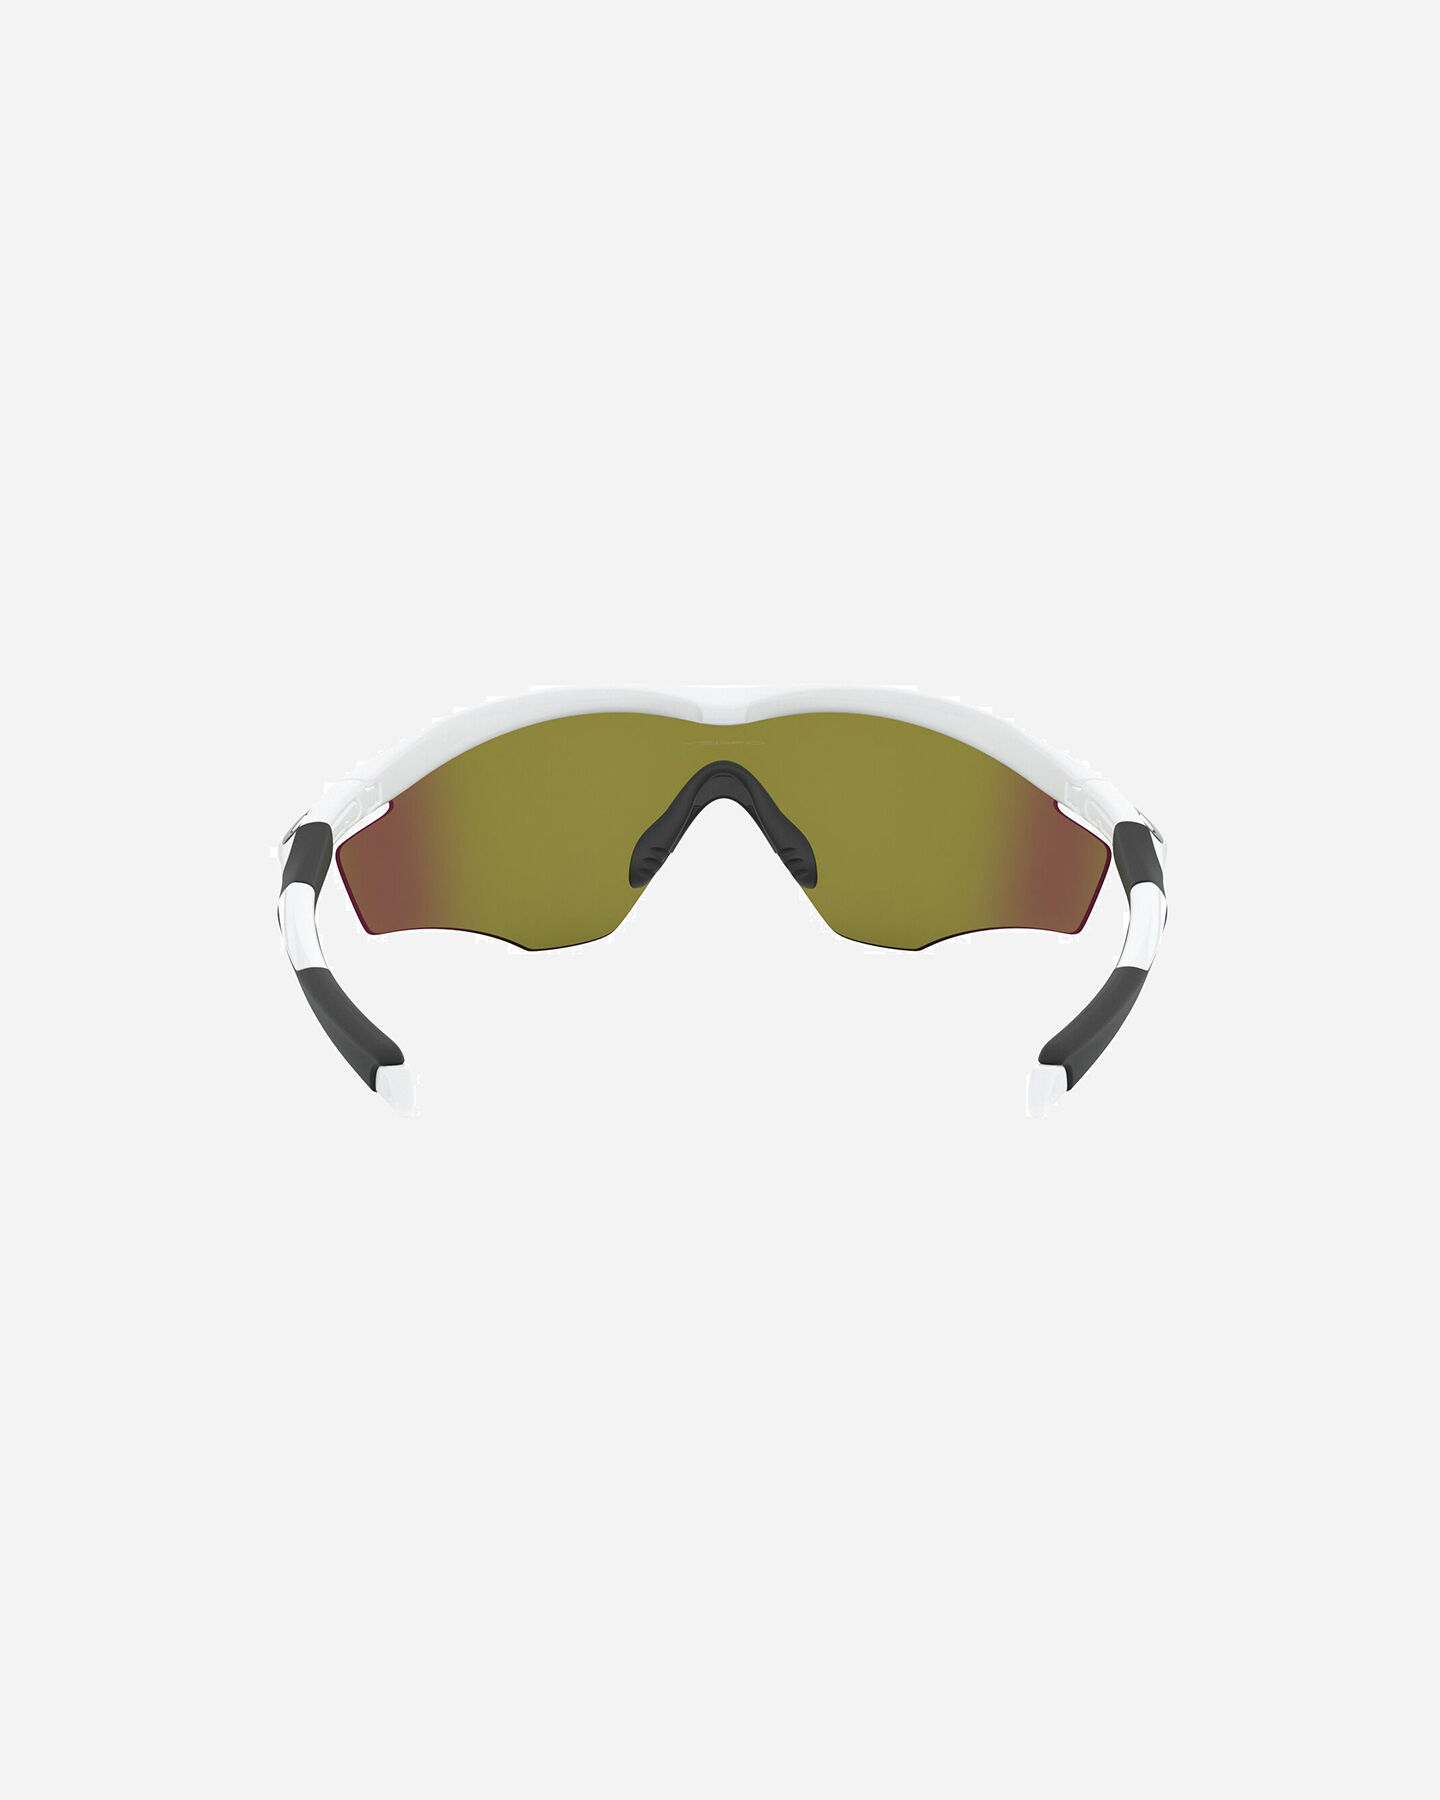 Occhiali OAKLEY M2 FRAME XL S1313248|9999|UNI scatto 3